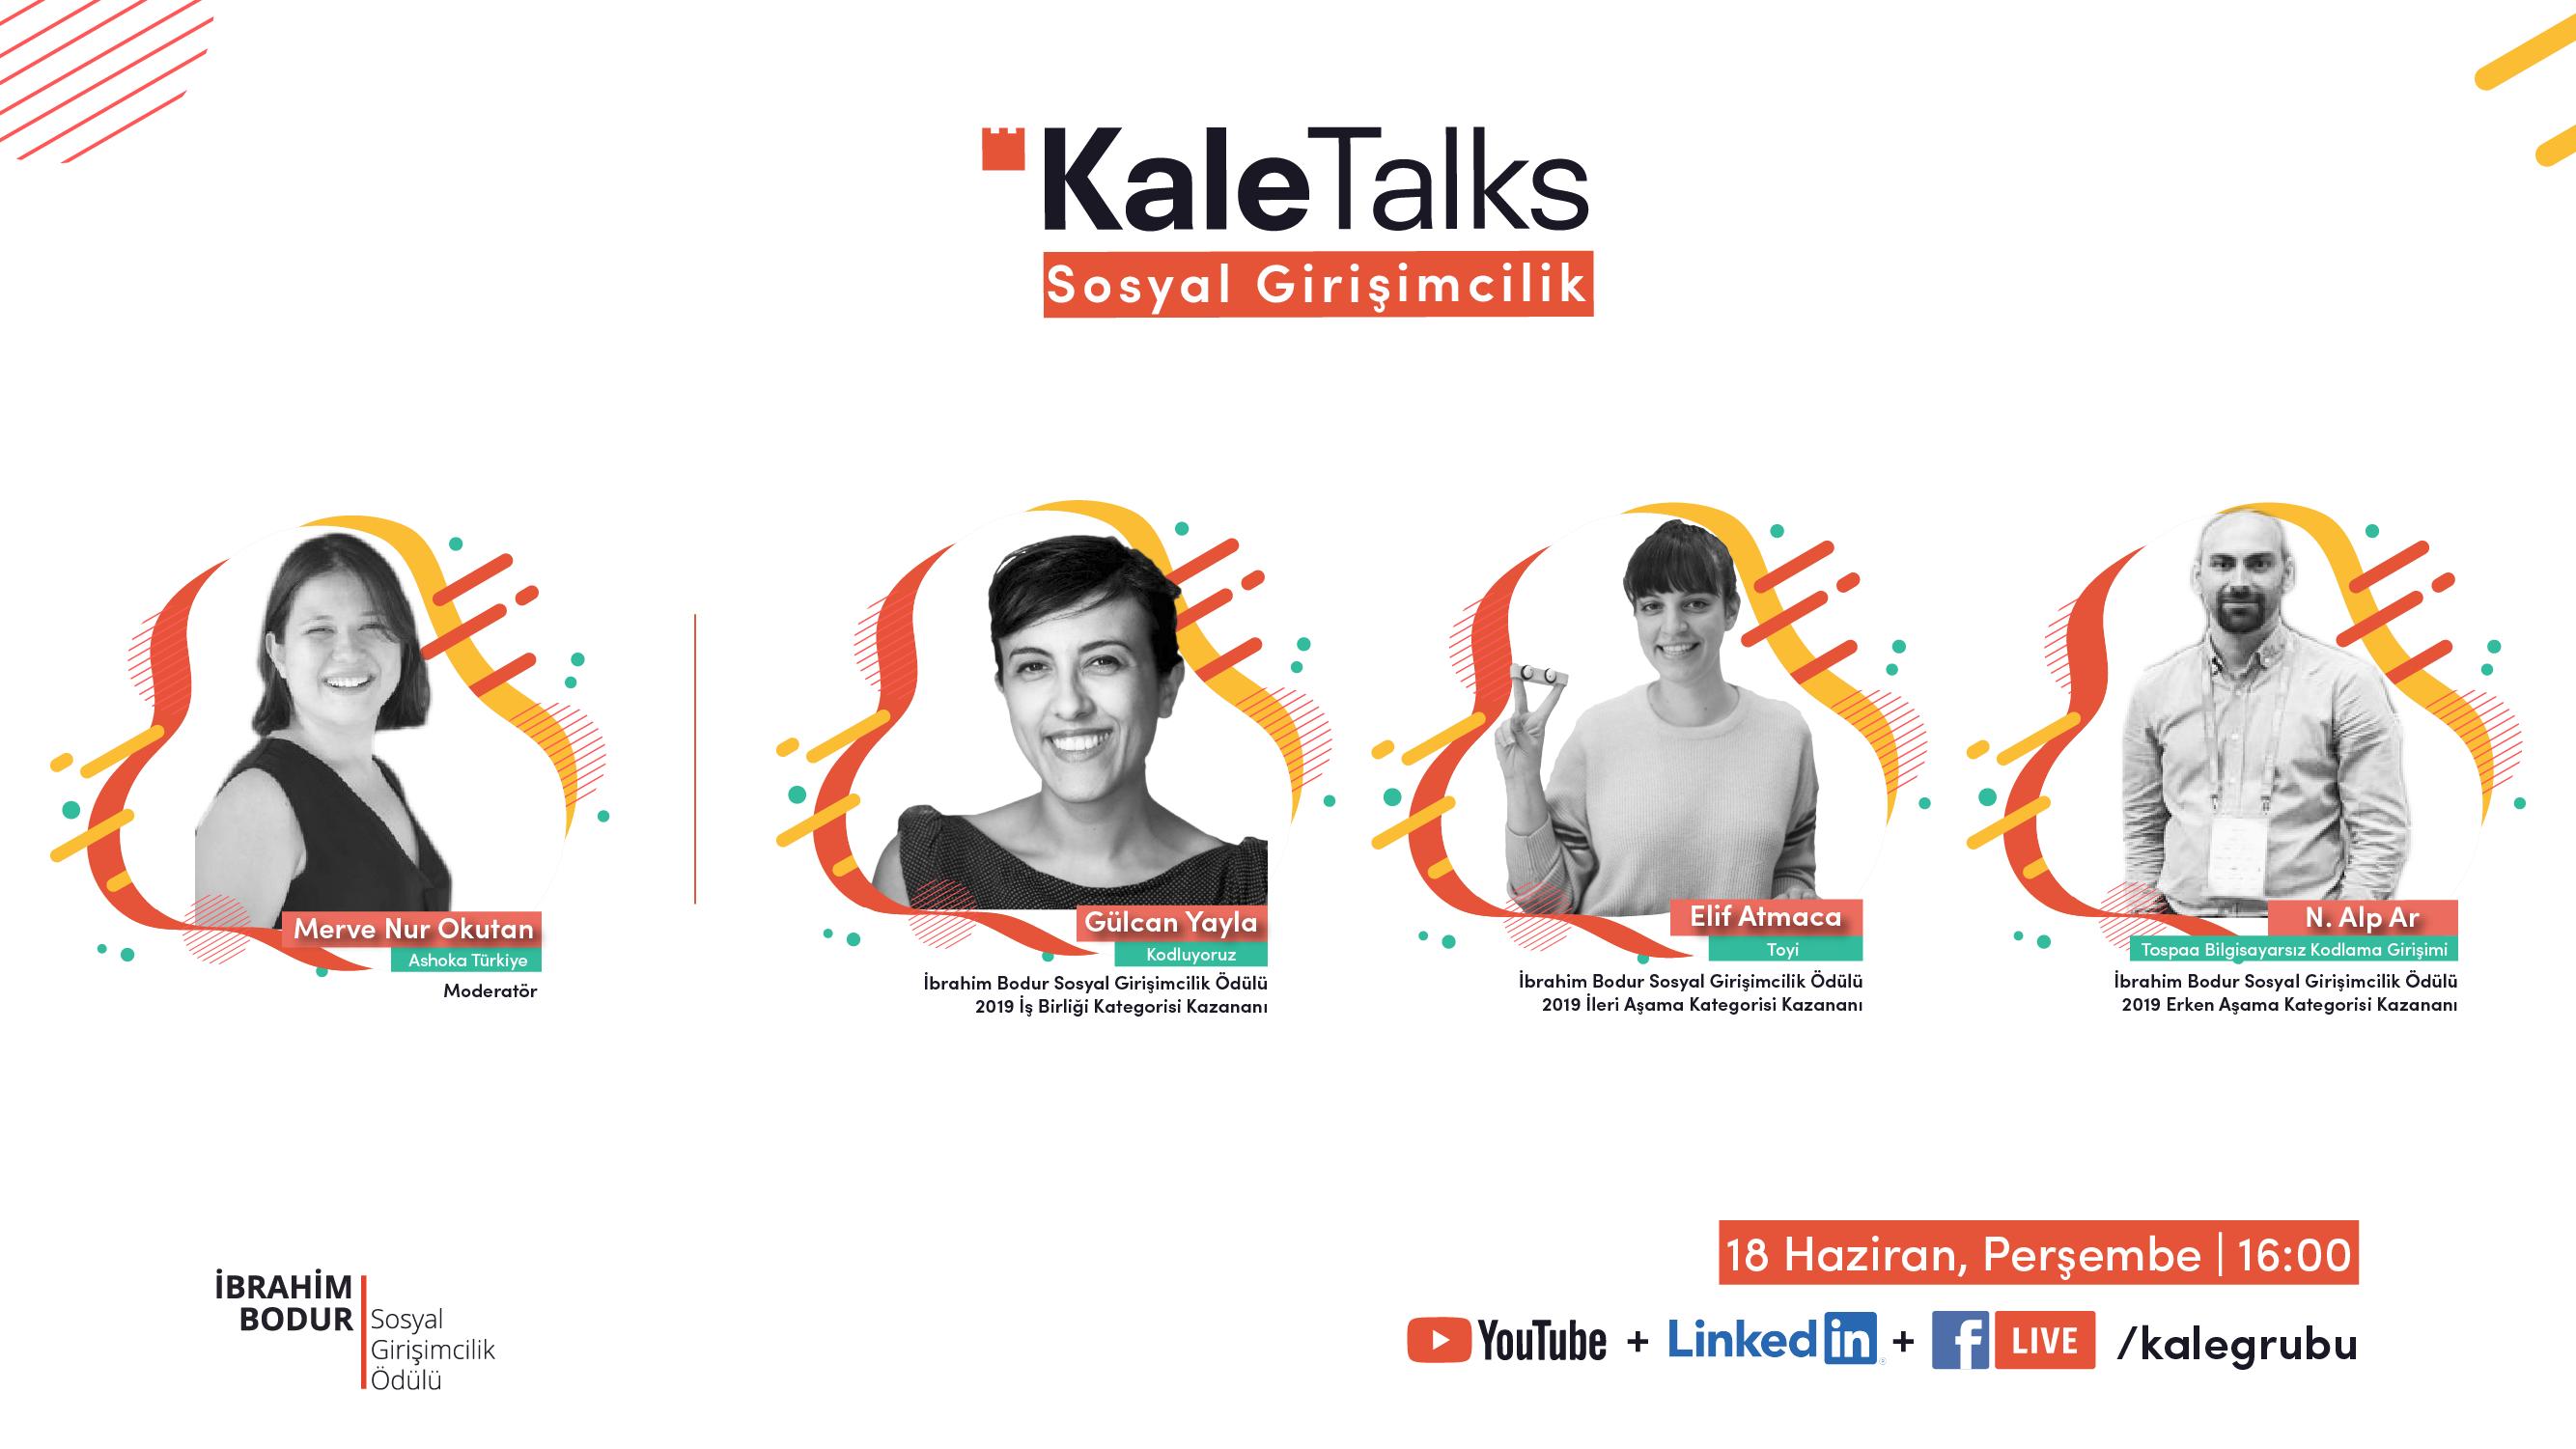 KaleTalks – Sosyal Girişimcilik |İbrahim Bodur Sosyal Girişimcilik Ödülü 2019 Kazananları